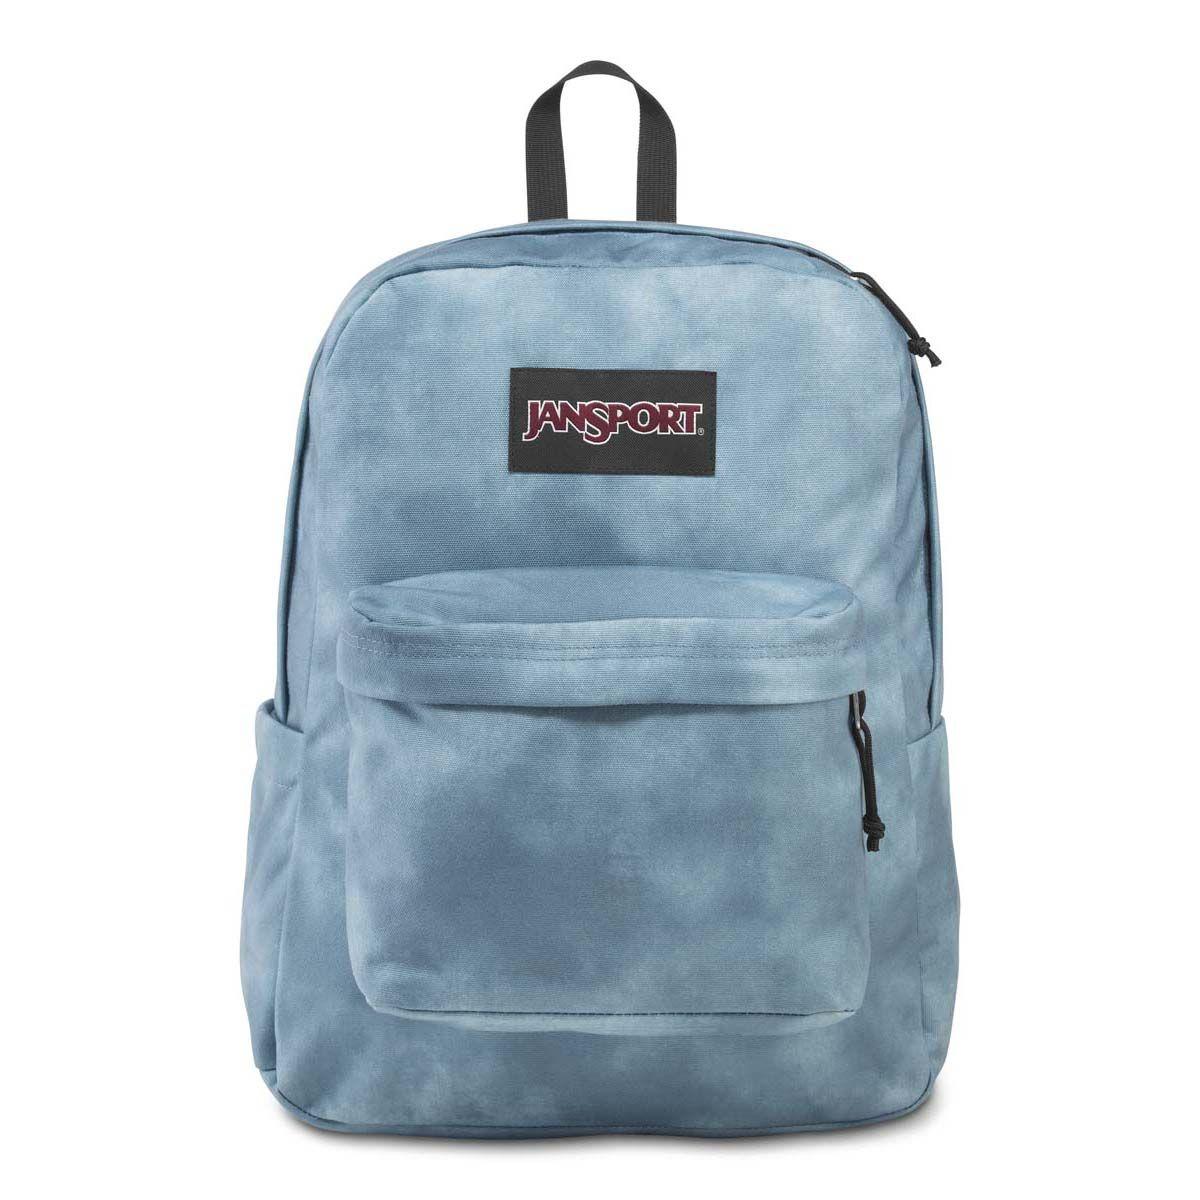 JanSport SuperBreak® Plus FX Backpack in Moon Haze Cali Wash